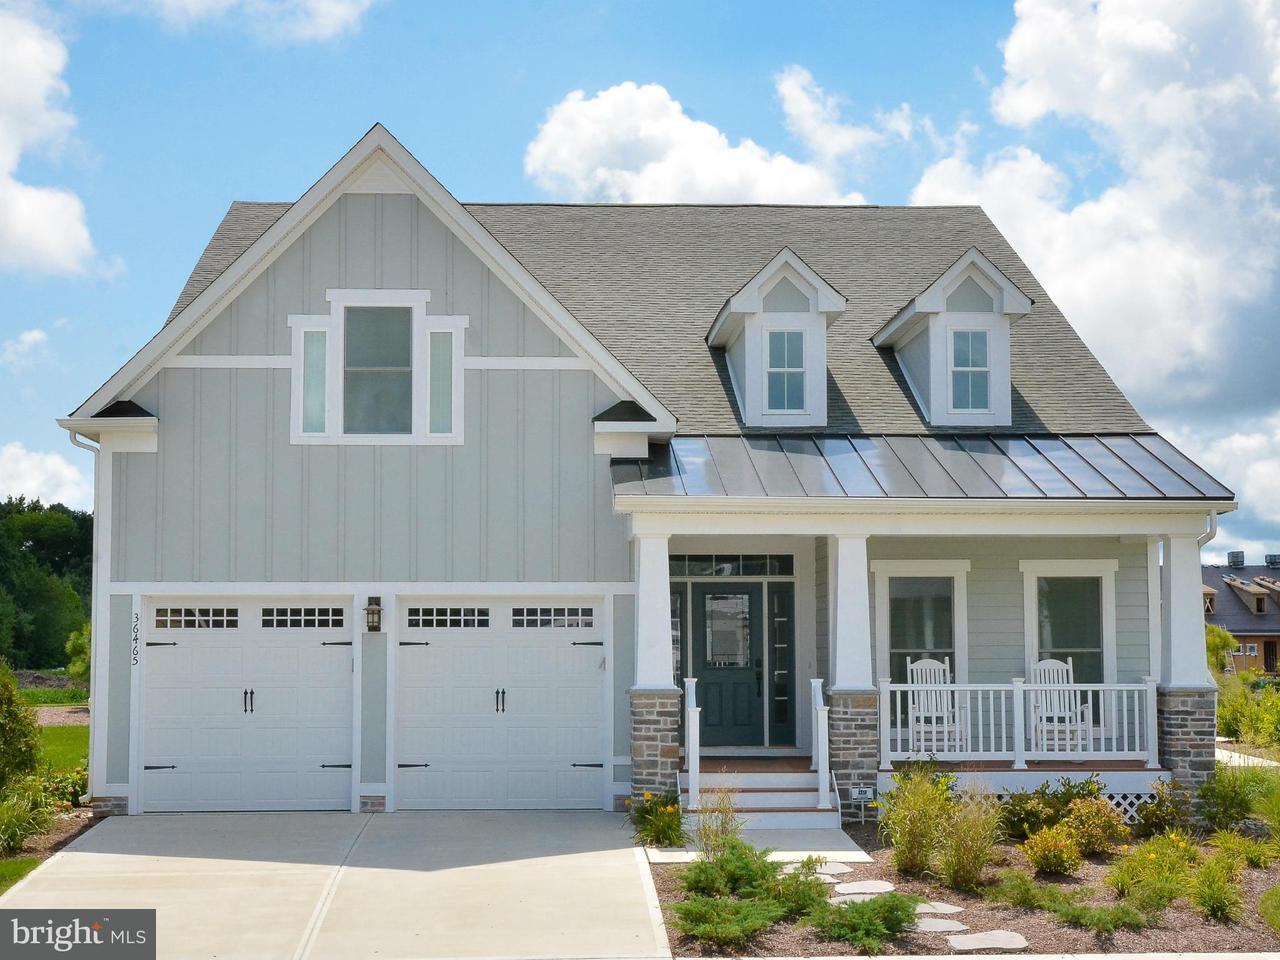 一戸建て のために 売買 アット 3016 TURNSTILE Lane 3016 TURNSTILE Lane Odenton, メリーランド 21113 アメリカ合衆国